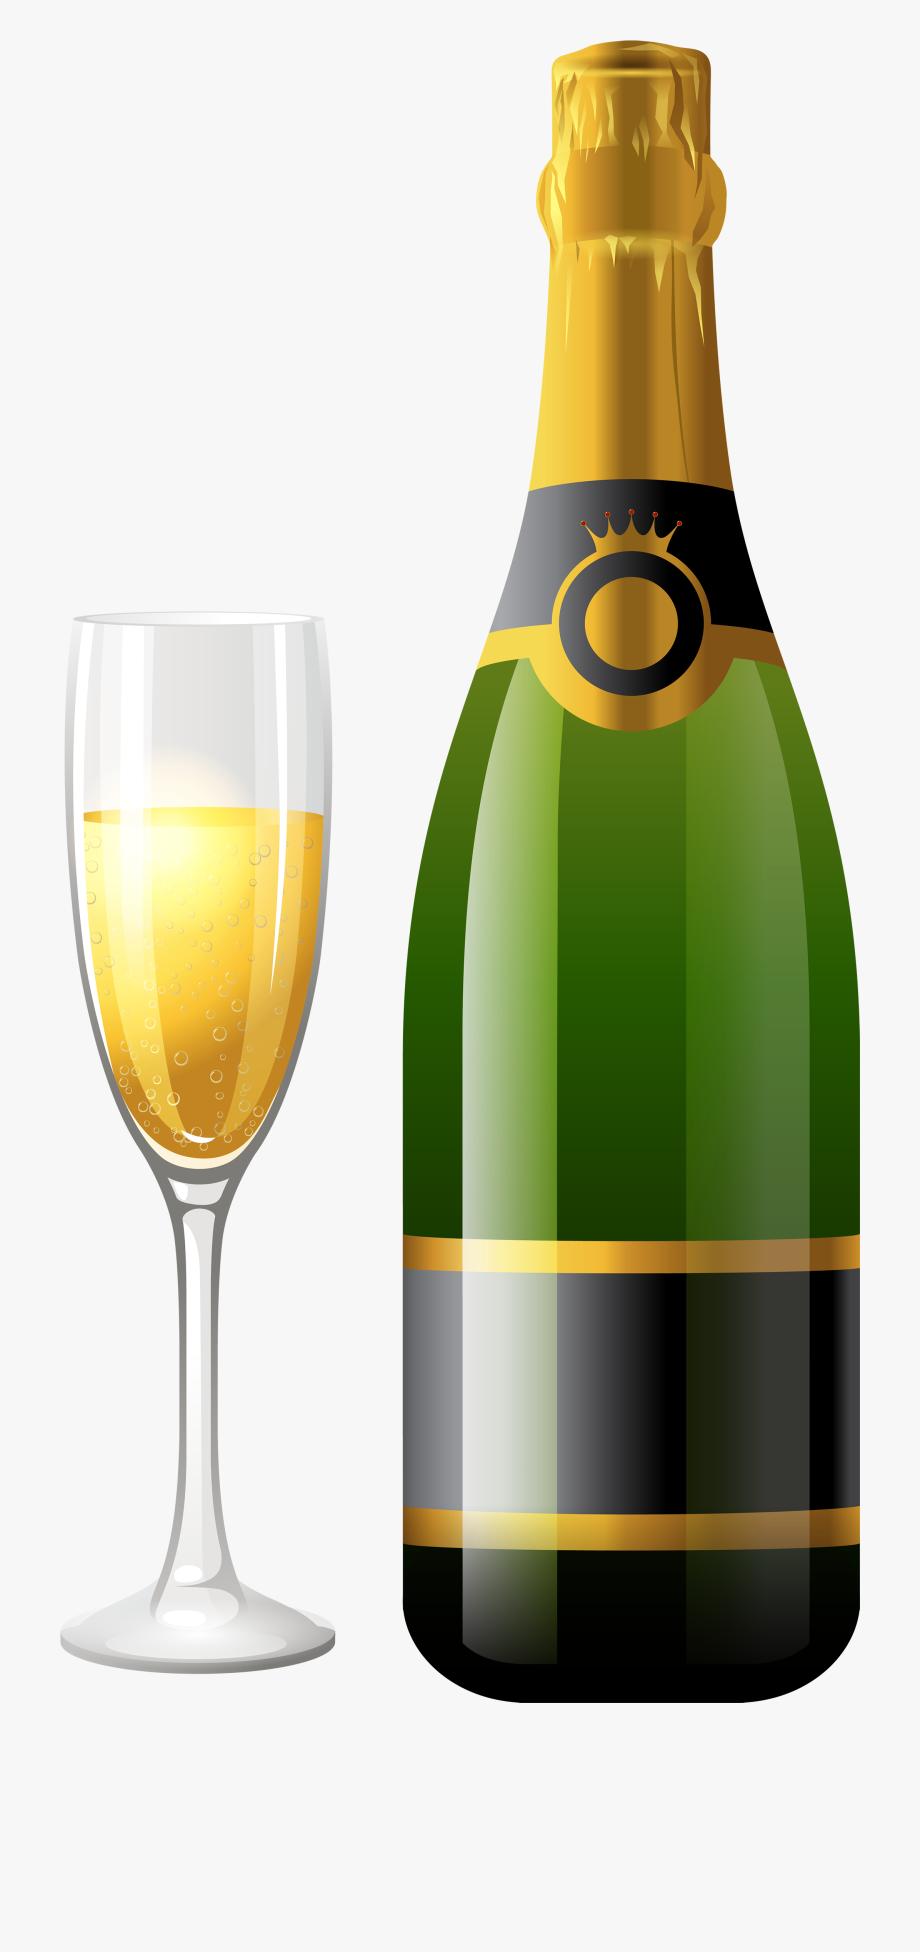 Champaign clipart champagne bottle. Bottles liquor clip art